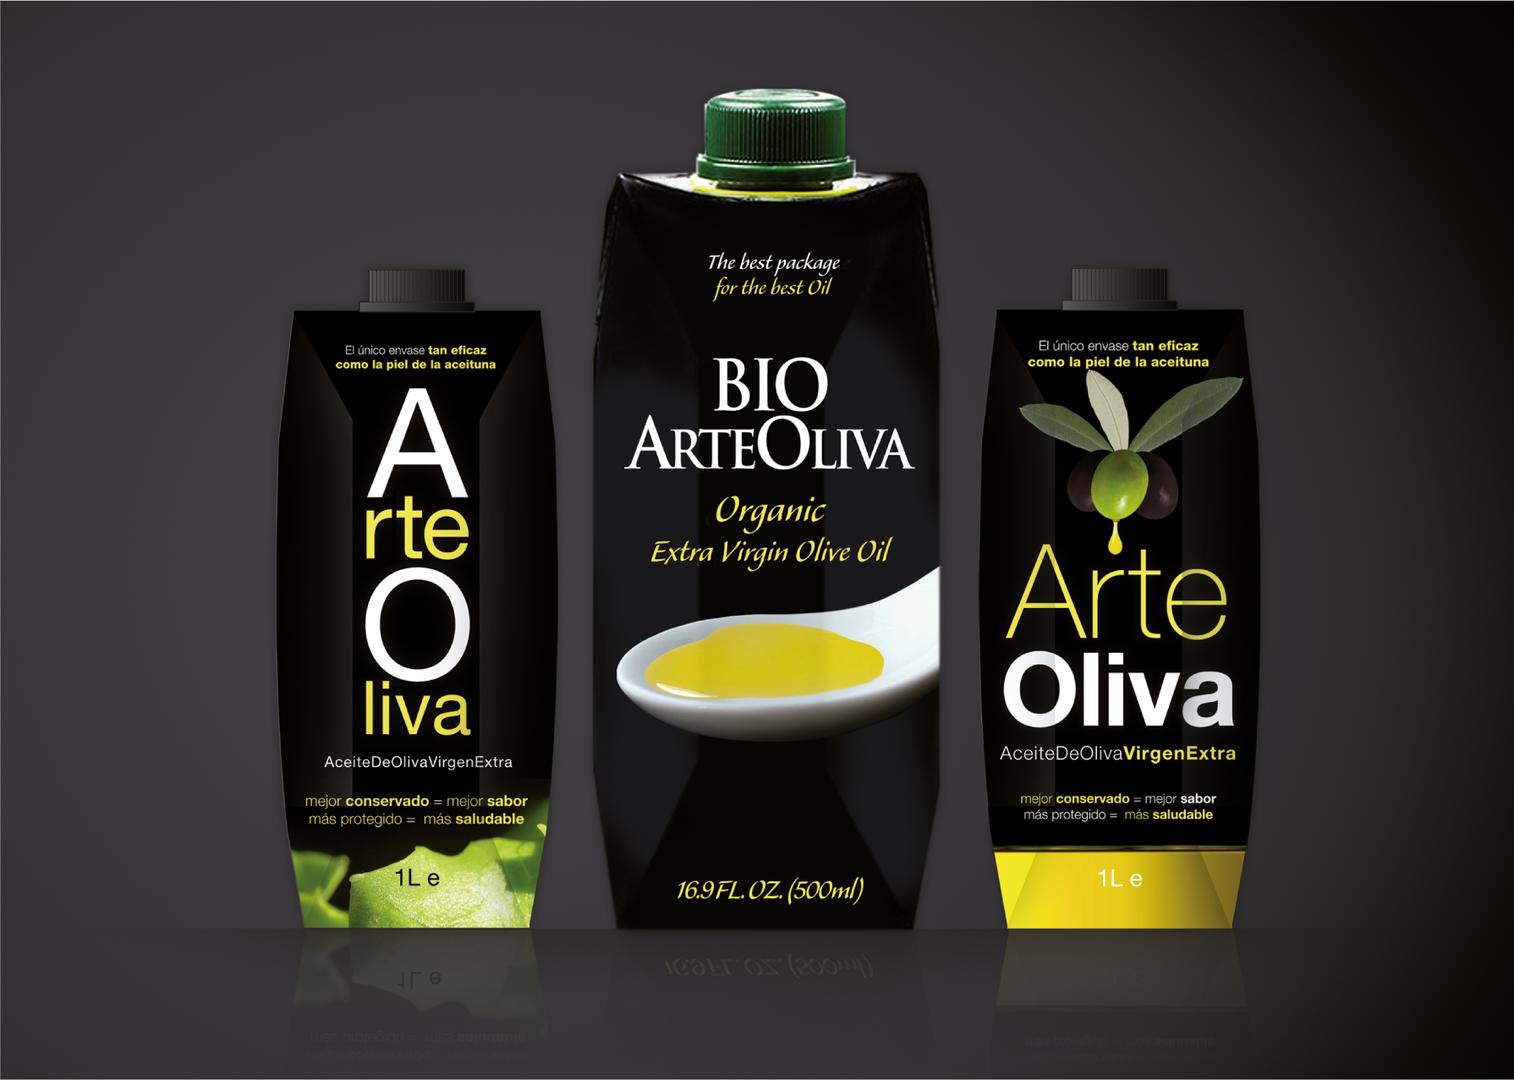 Bio ArteOliva